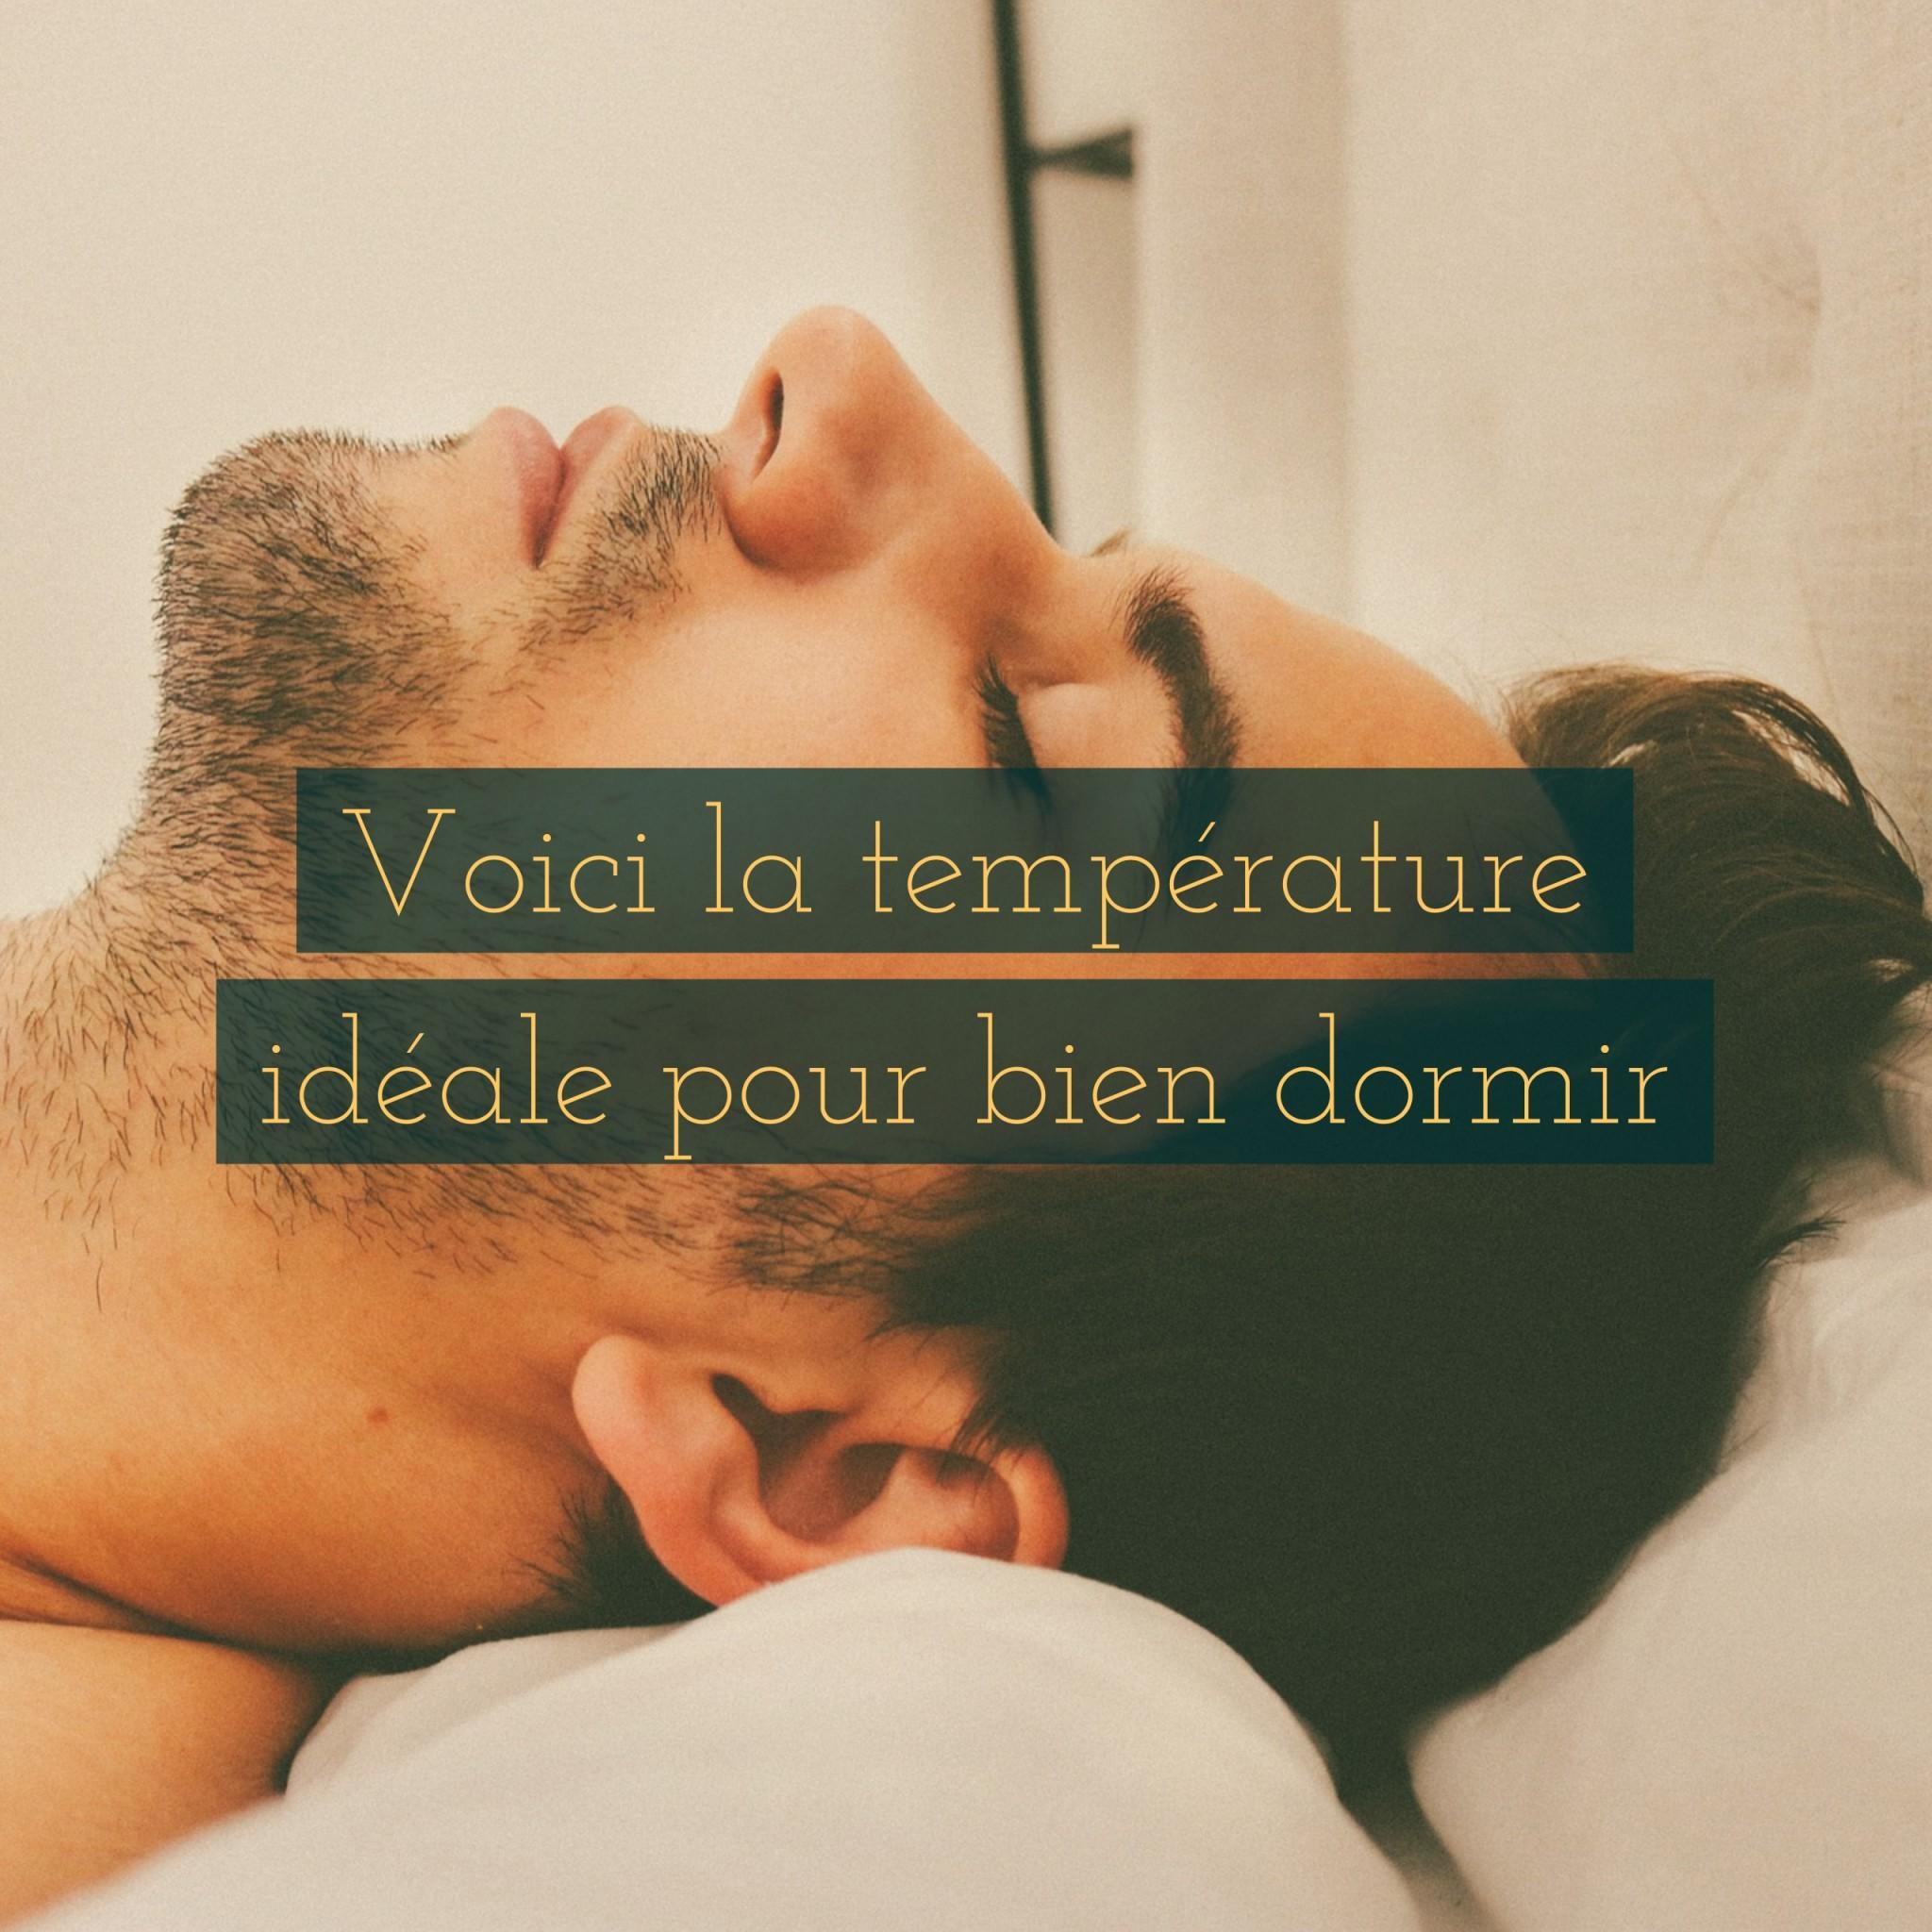 Voici la température idéale pour dormir